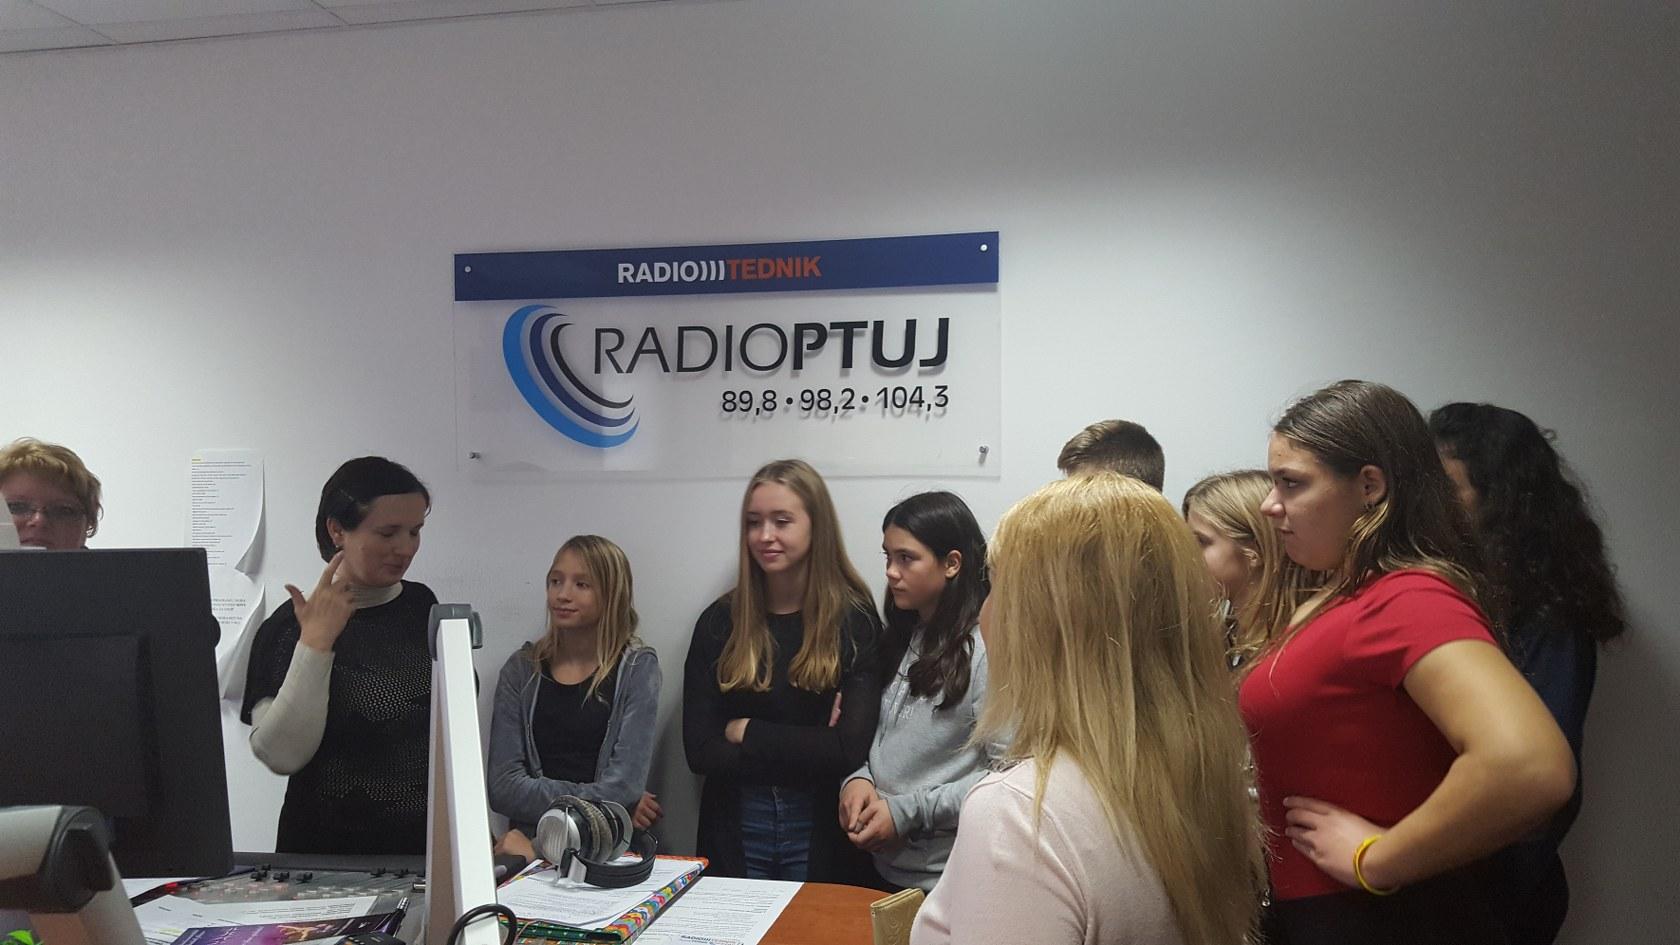 obisk-radia-tednik-ptuj-novinar-10_1680x945